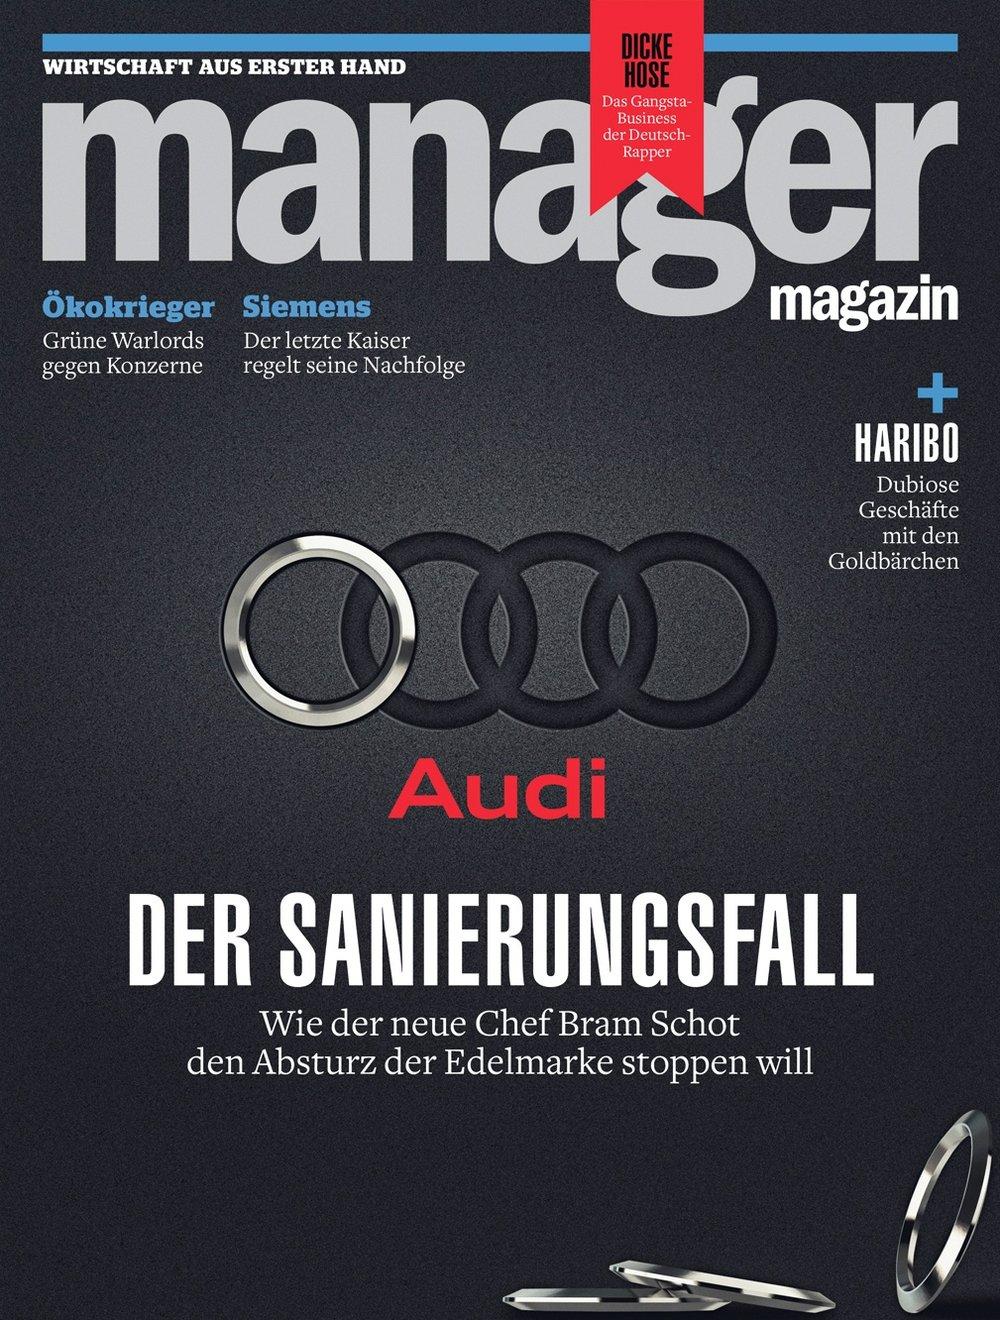 magazin-cover2019.jpg